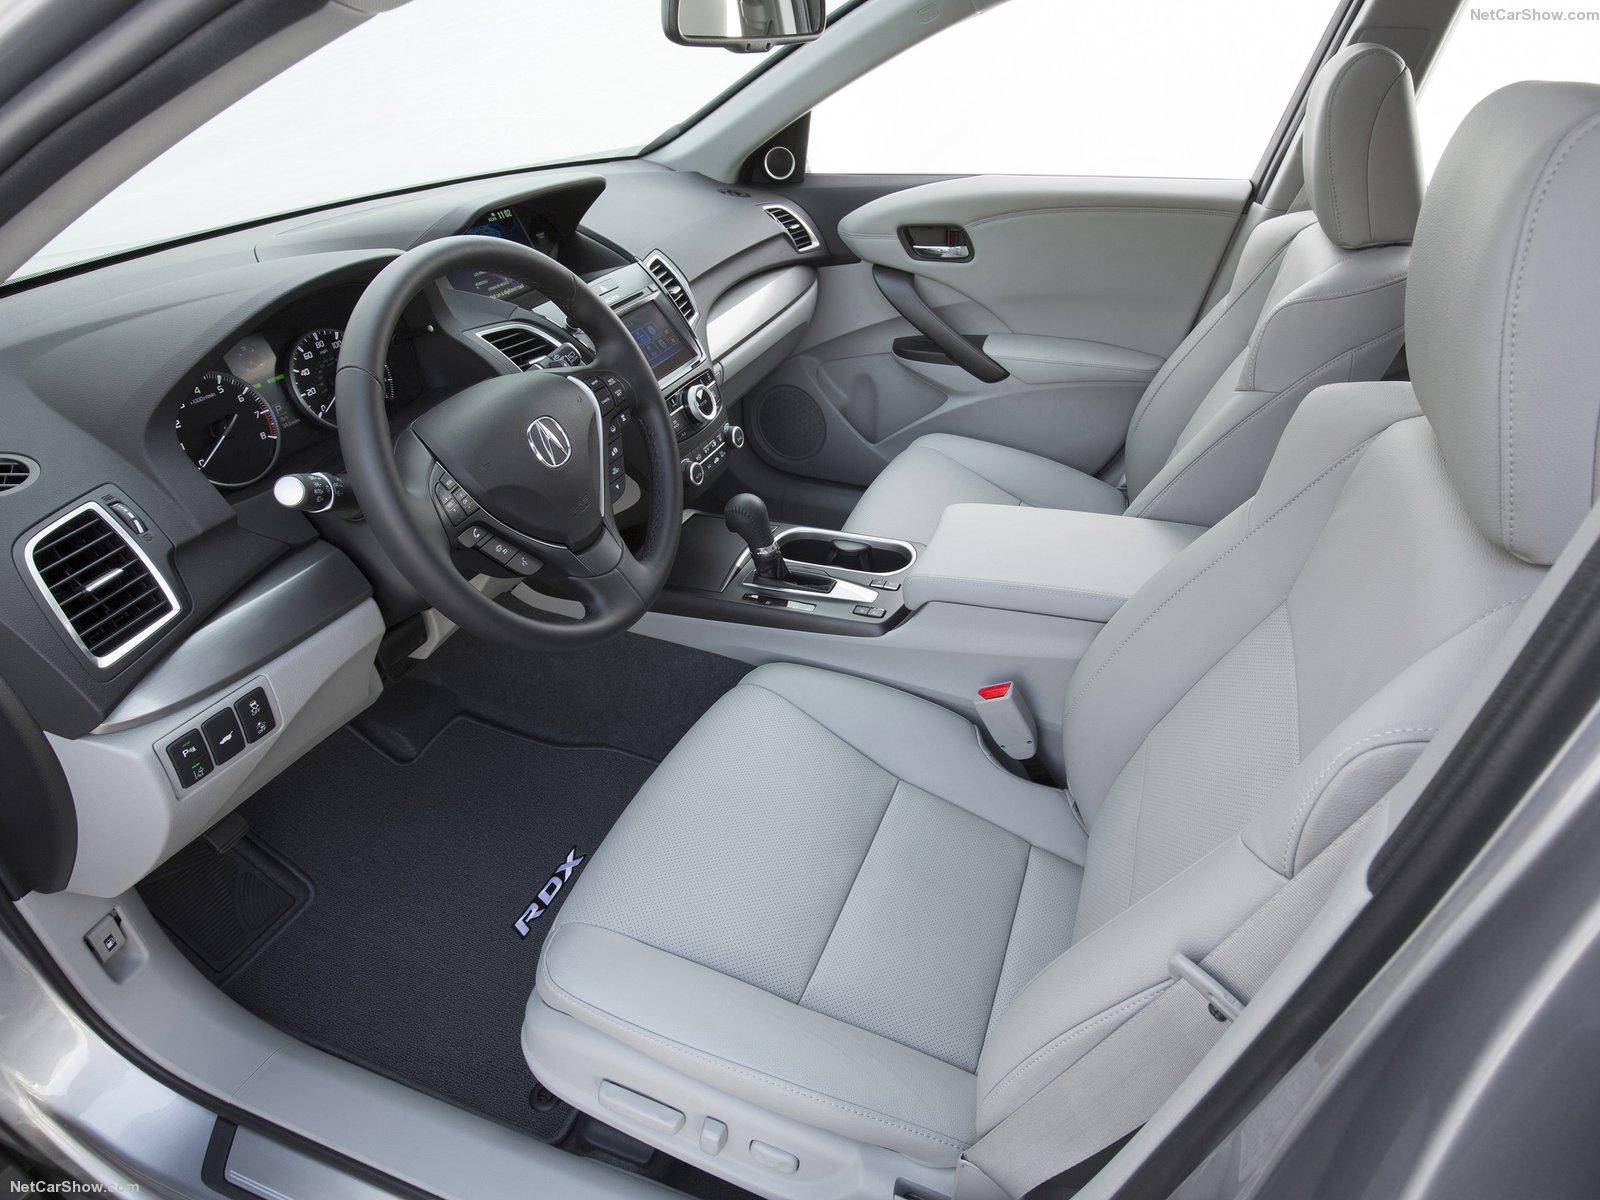 Khoang xe rộng rãi và sang trọng giúp xe ăn điểm từ cái nhìn đầu tiên